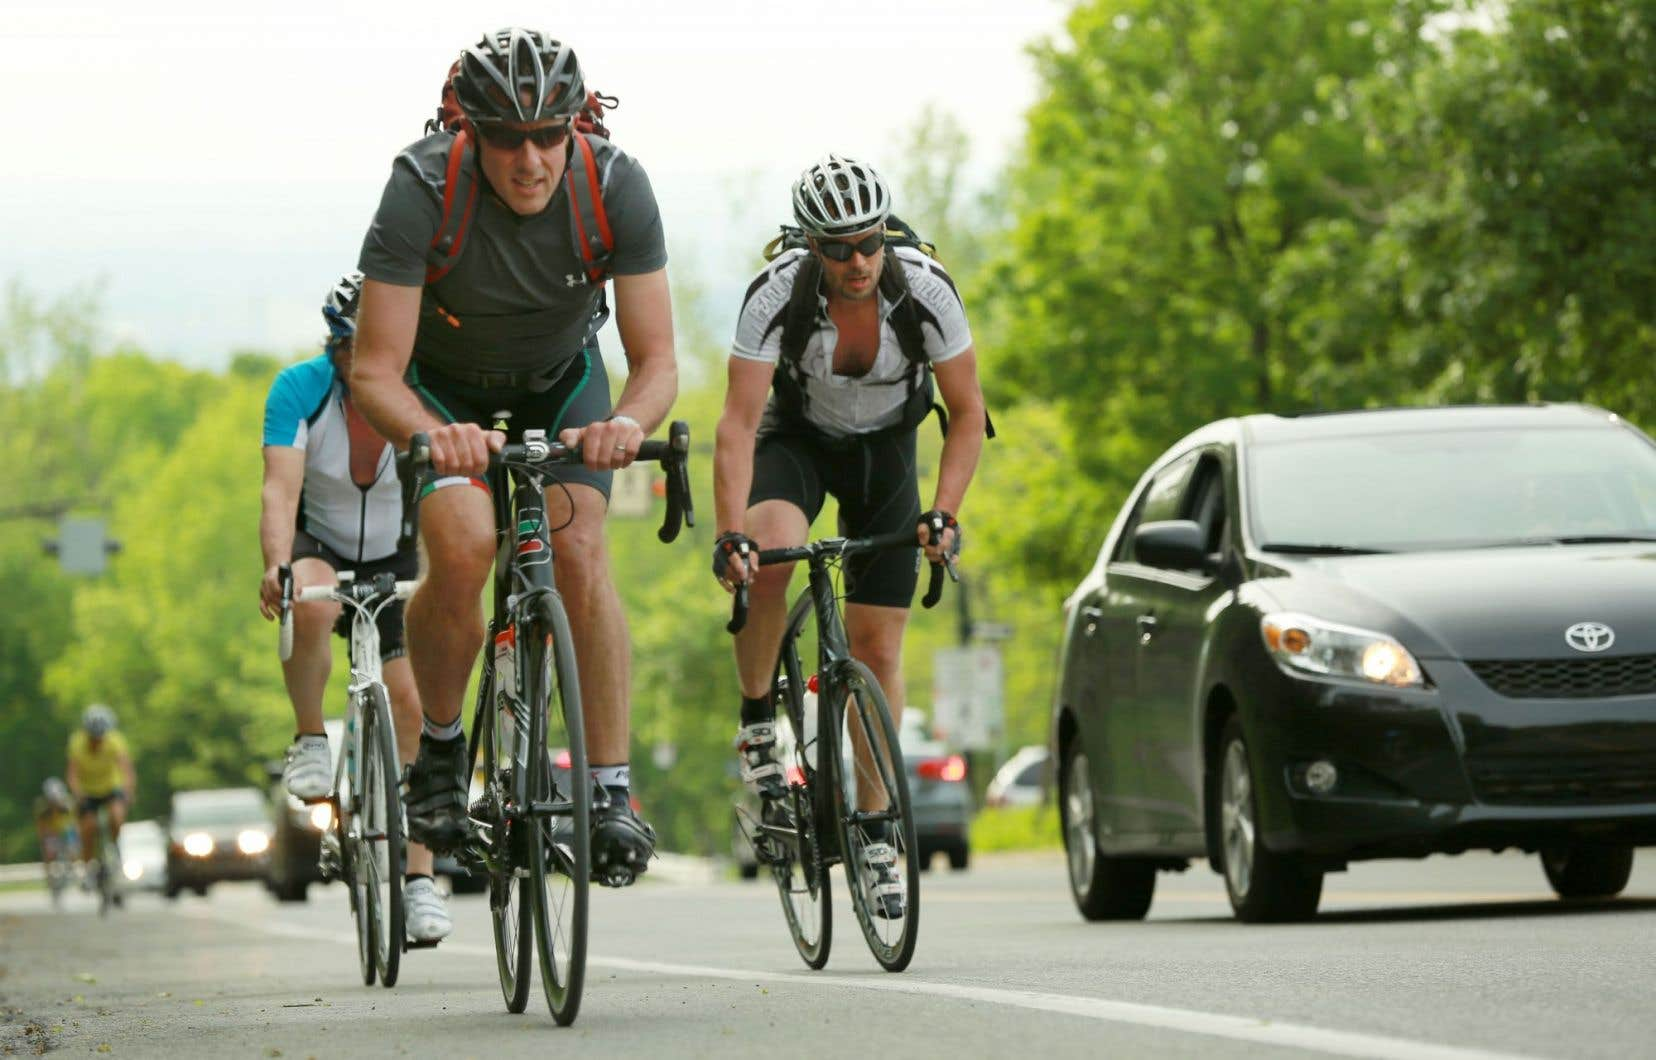 Ce n'est pas dans un esprit de confrontation ni par pulsion suicidaire que les cyclistes ne roulent pas dans l'accotement, mais bien par nécessité.